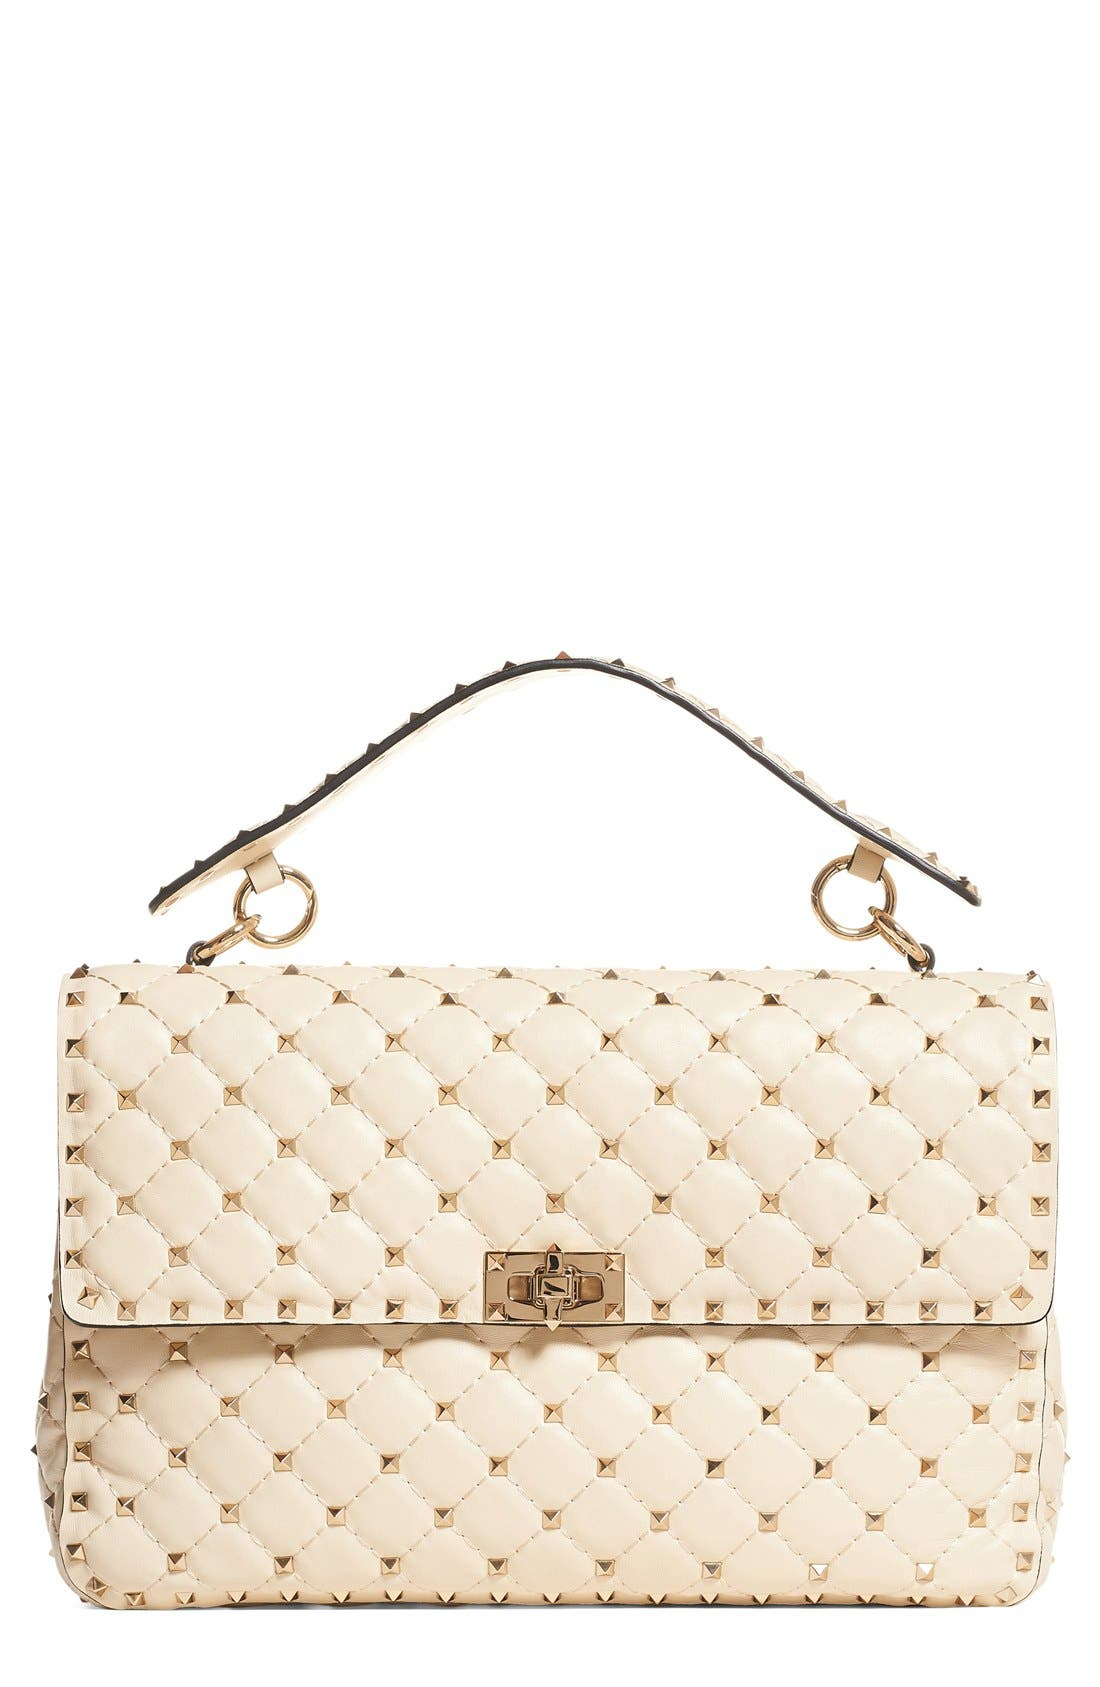 VALENTINO GARAVANI Rockstud Quilted Leather Shoulder Bag